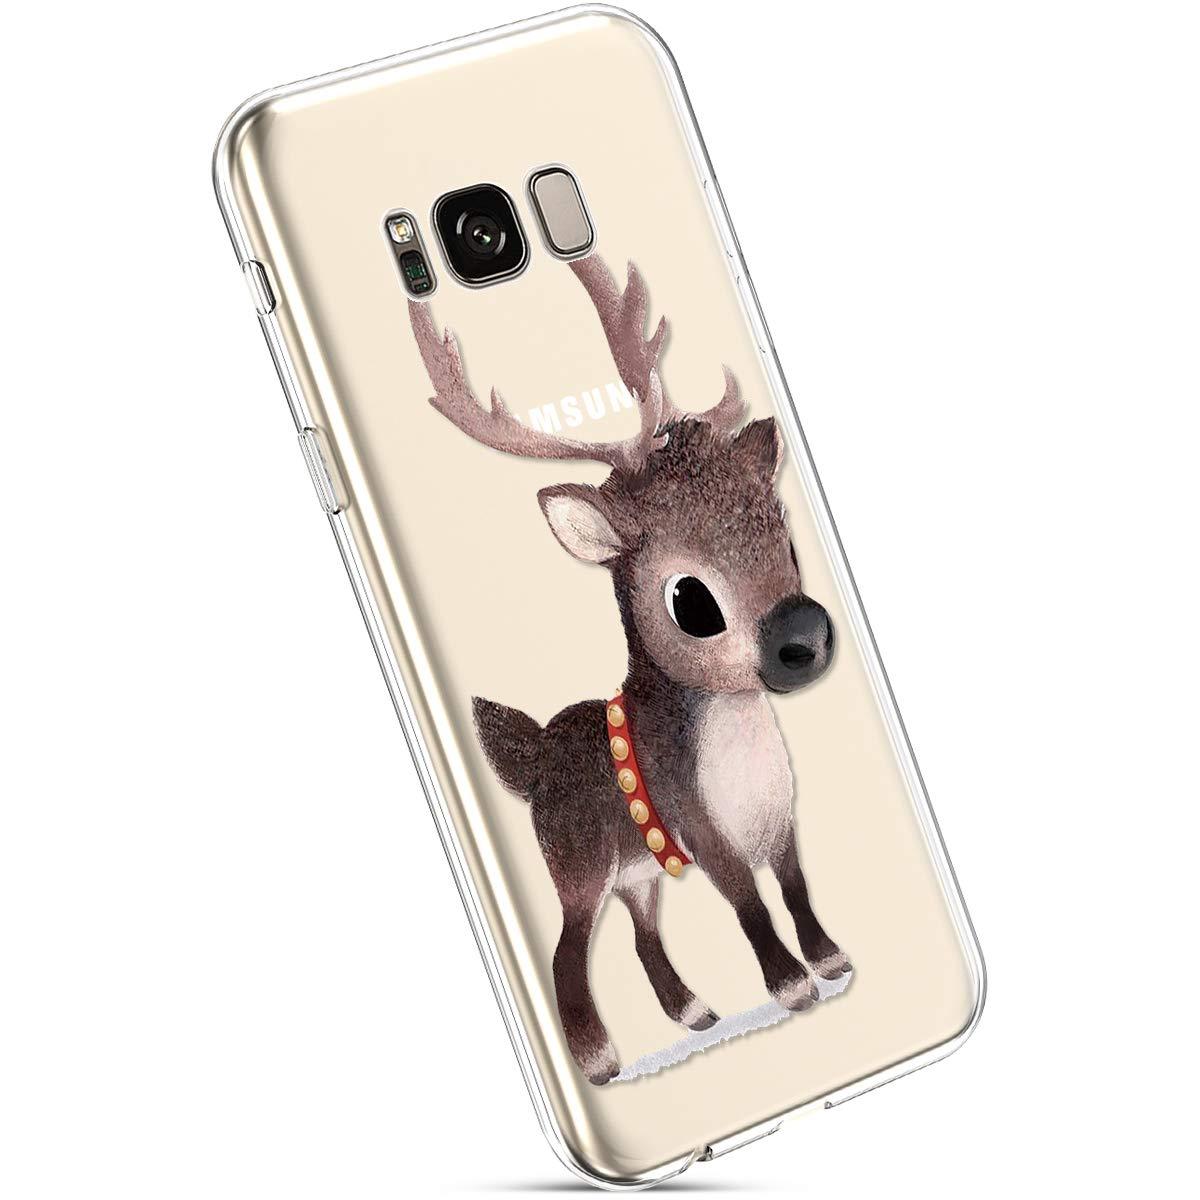 YSIMEE Custodia Samsung Galaxy S8 Plus, Xmas Decorazioni Natalizie Custodie Gel Trasparente Silicone Morbida Ultra Sottile Chiaro TPU Antiurto Gomma Cover per Samsung S8 Plus-Cervi delle nevi 559